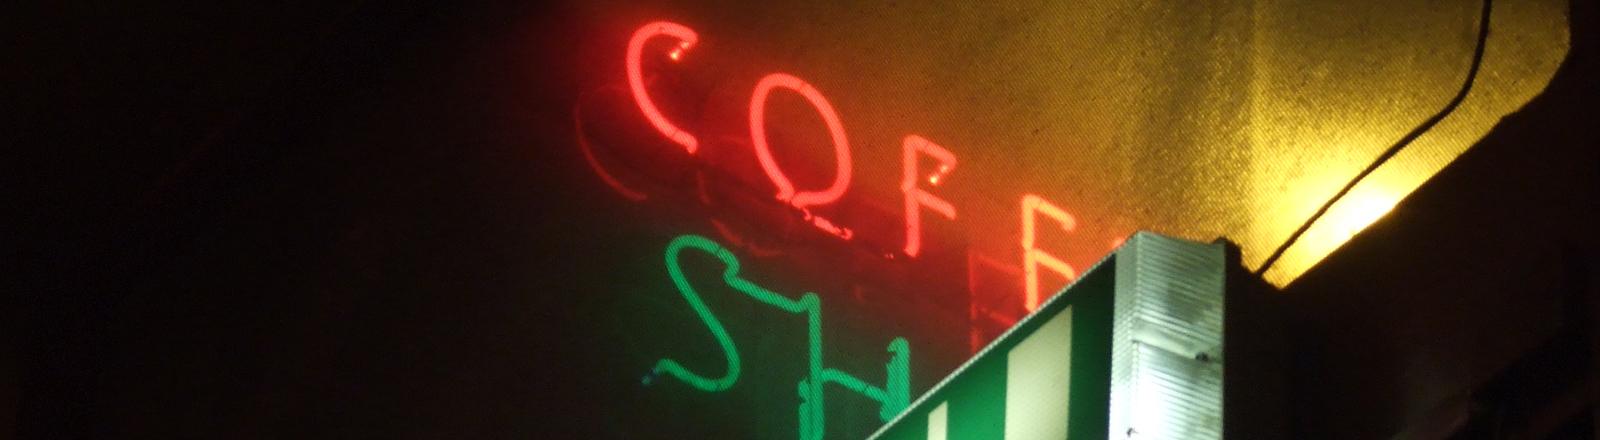 Ein Coffee-Shop-Neonlicht, darunter ein Notausgang-Schild